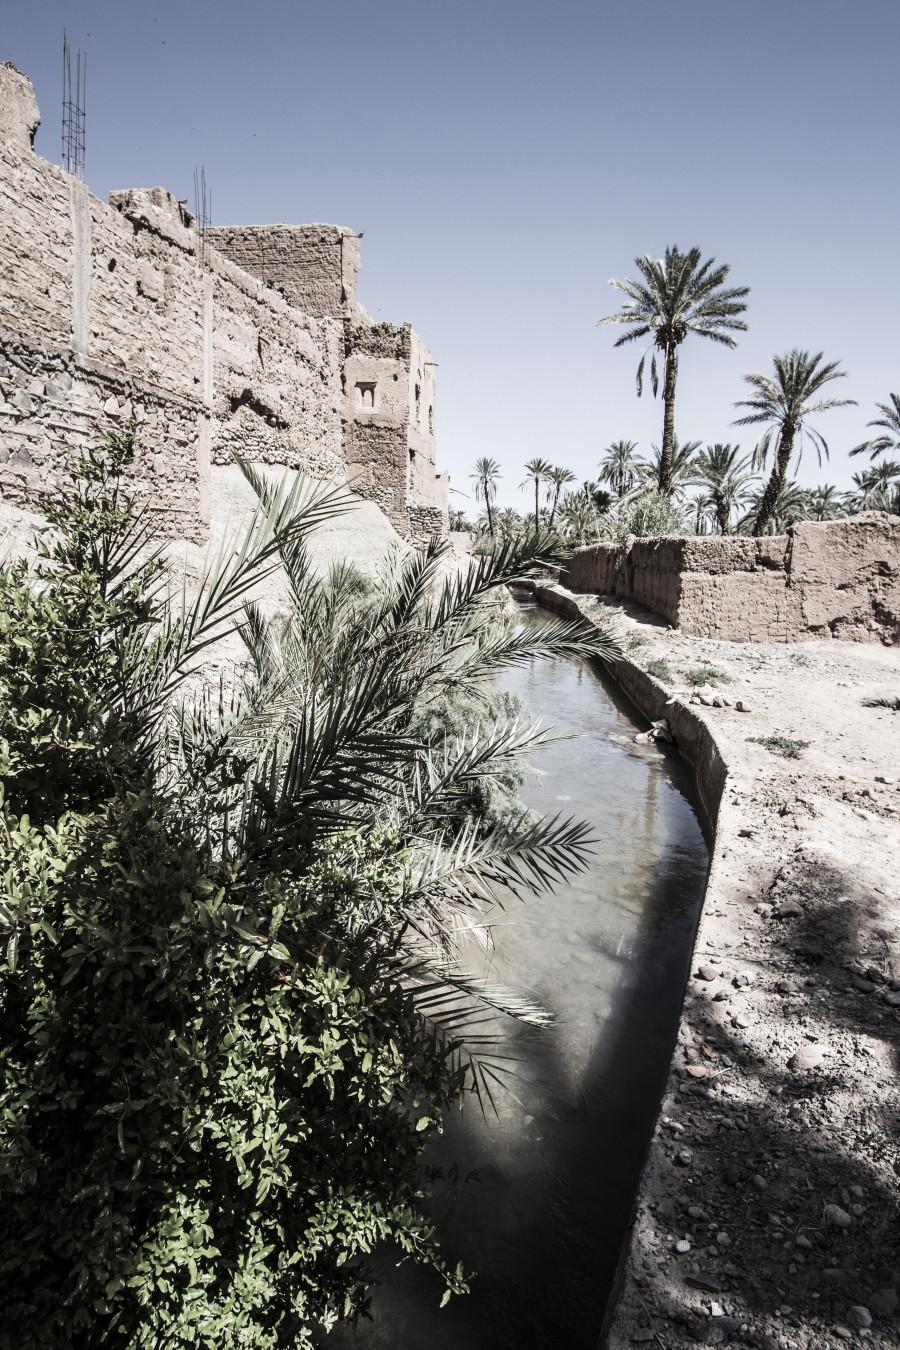 arquitectura de tierra en Marruecos_María Jesús Mora_Arquitecto_fotógrafo Alicante_36